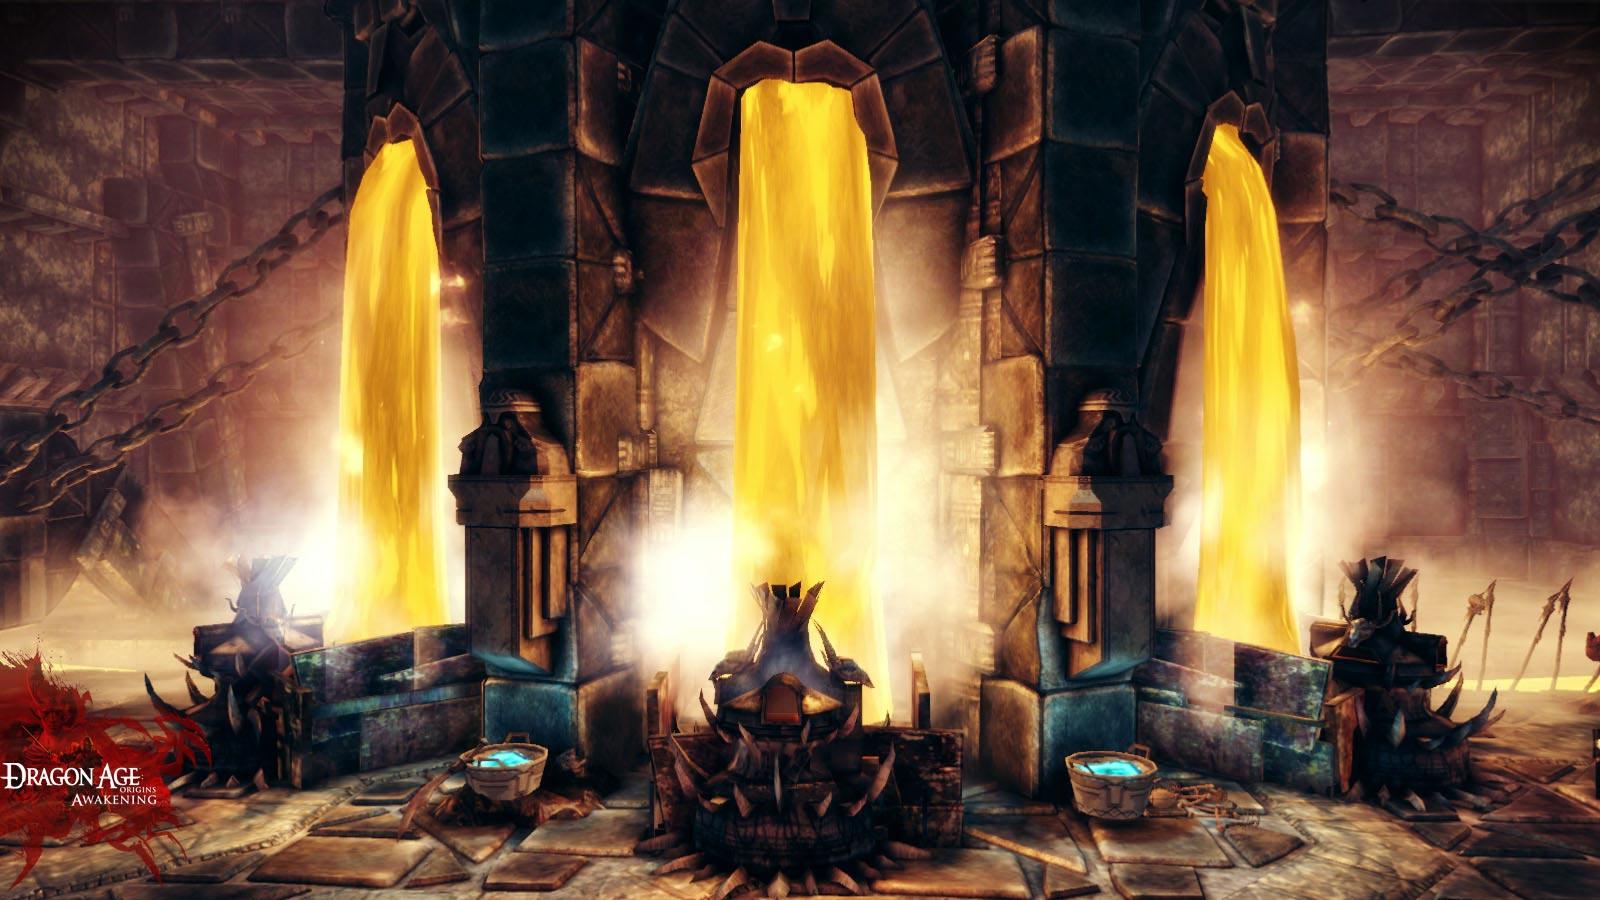 Сети появились новые скриншоты Dragon Age Origins - Awakening